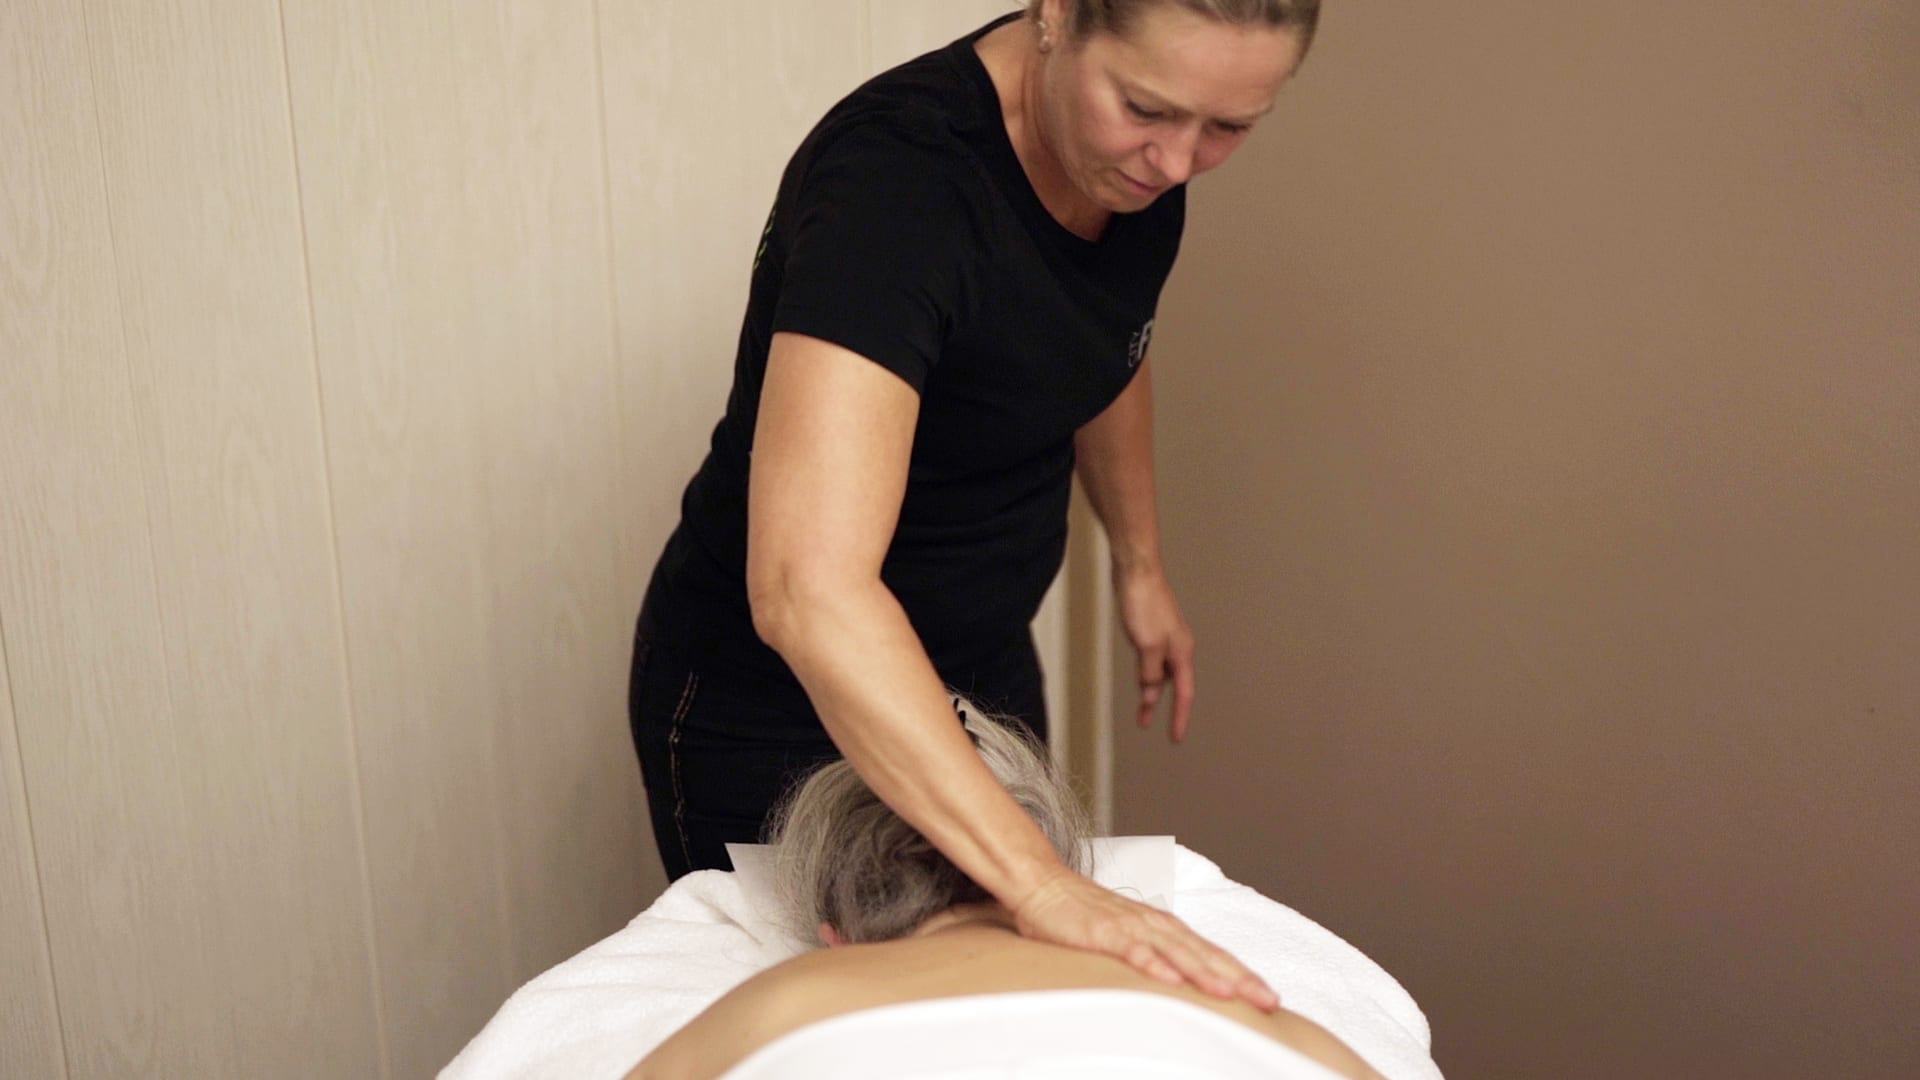 Massør giver massage på skuldre